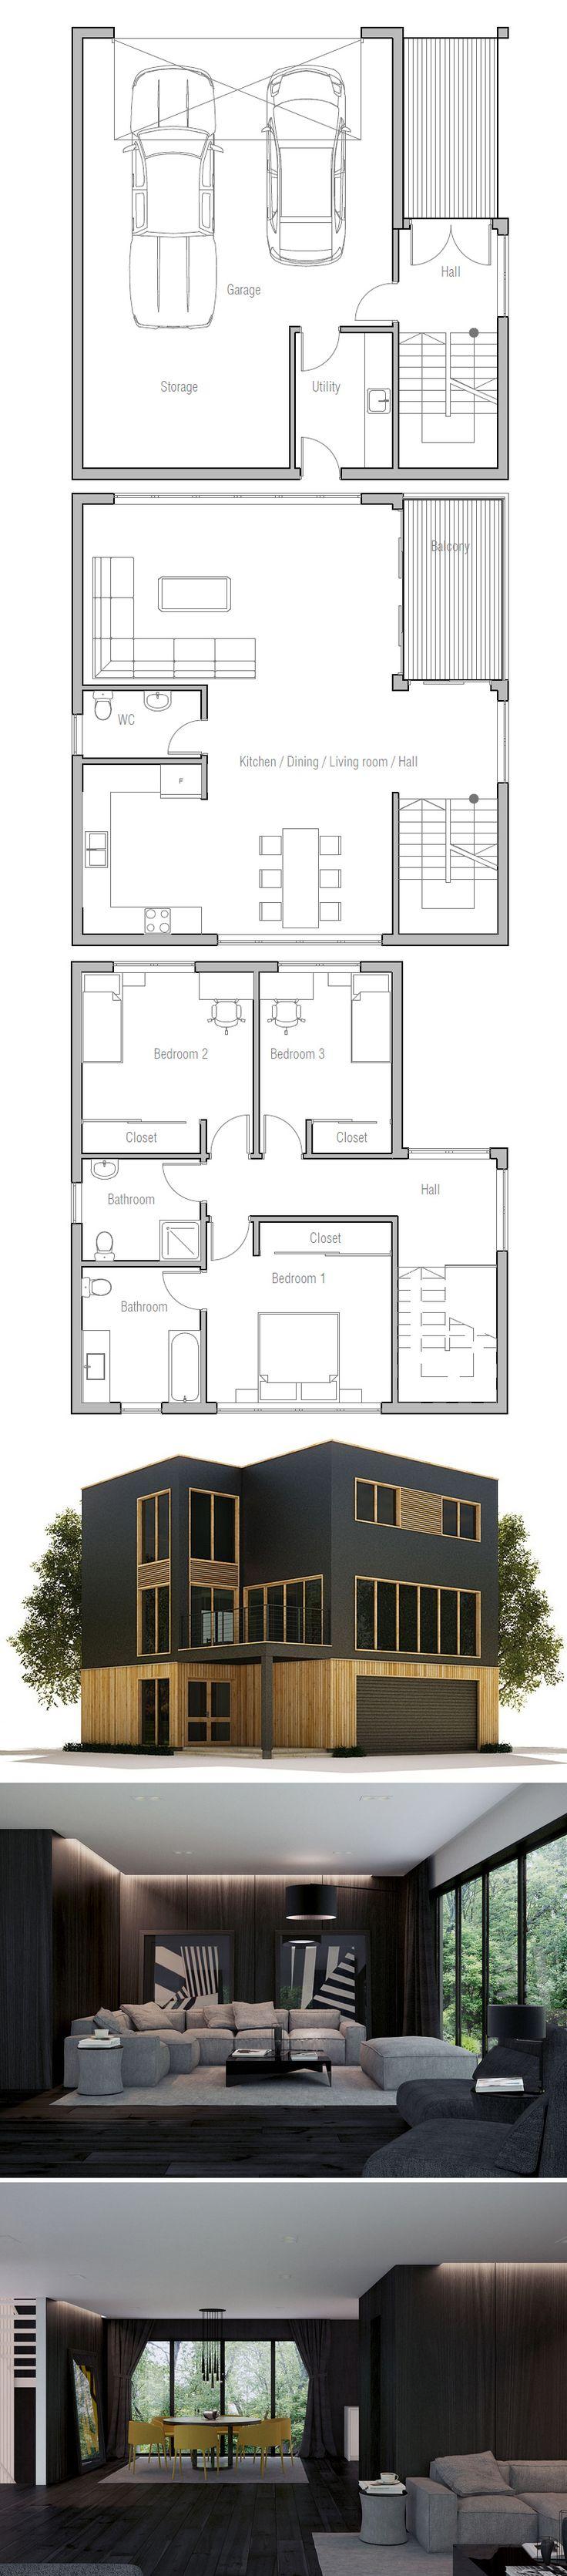 Floor Plan                                                       …